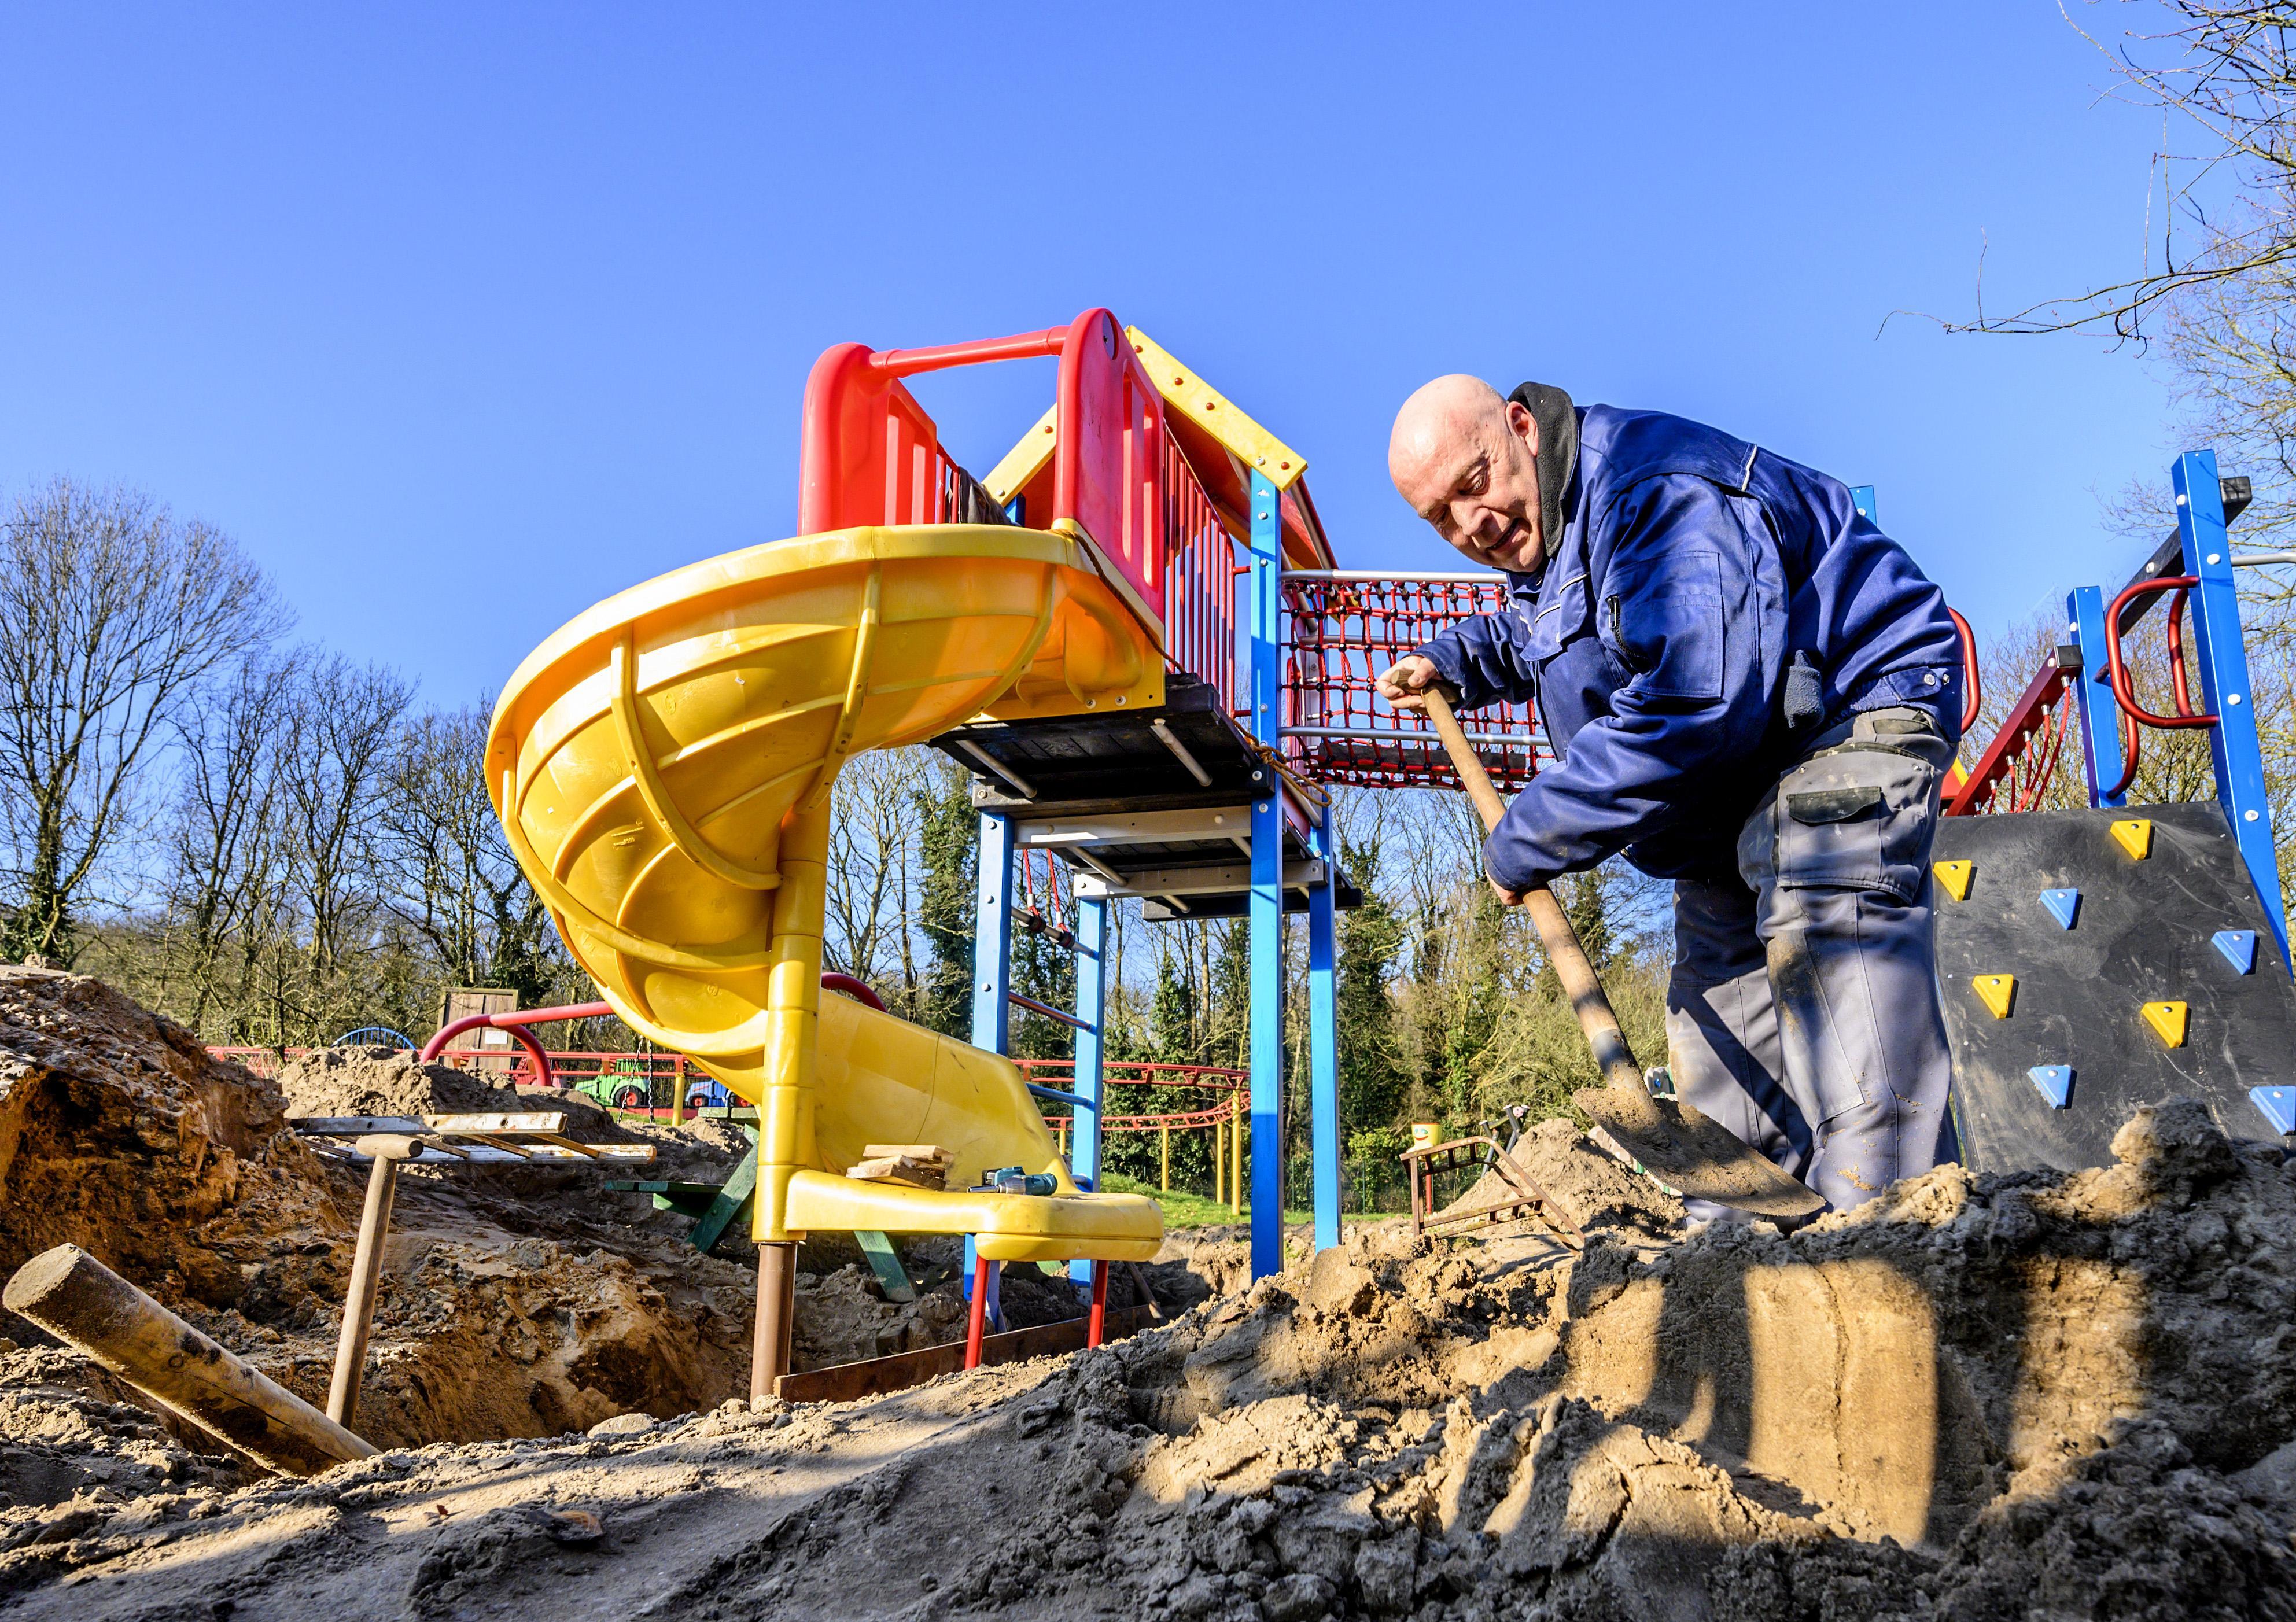 Nieuwe attractie en nieuwe beheerders voor speeltuin De Veilige Haven in IJmuiden